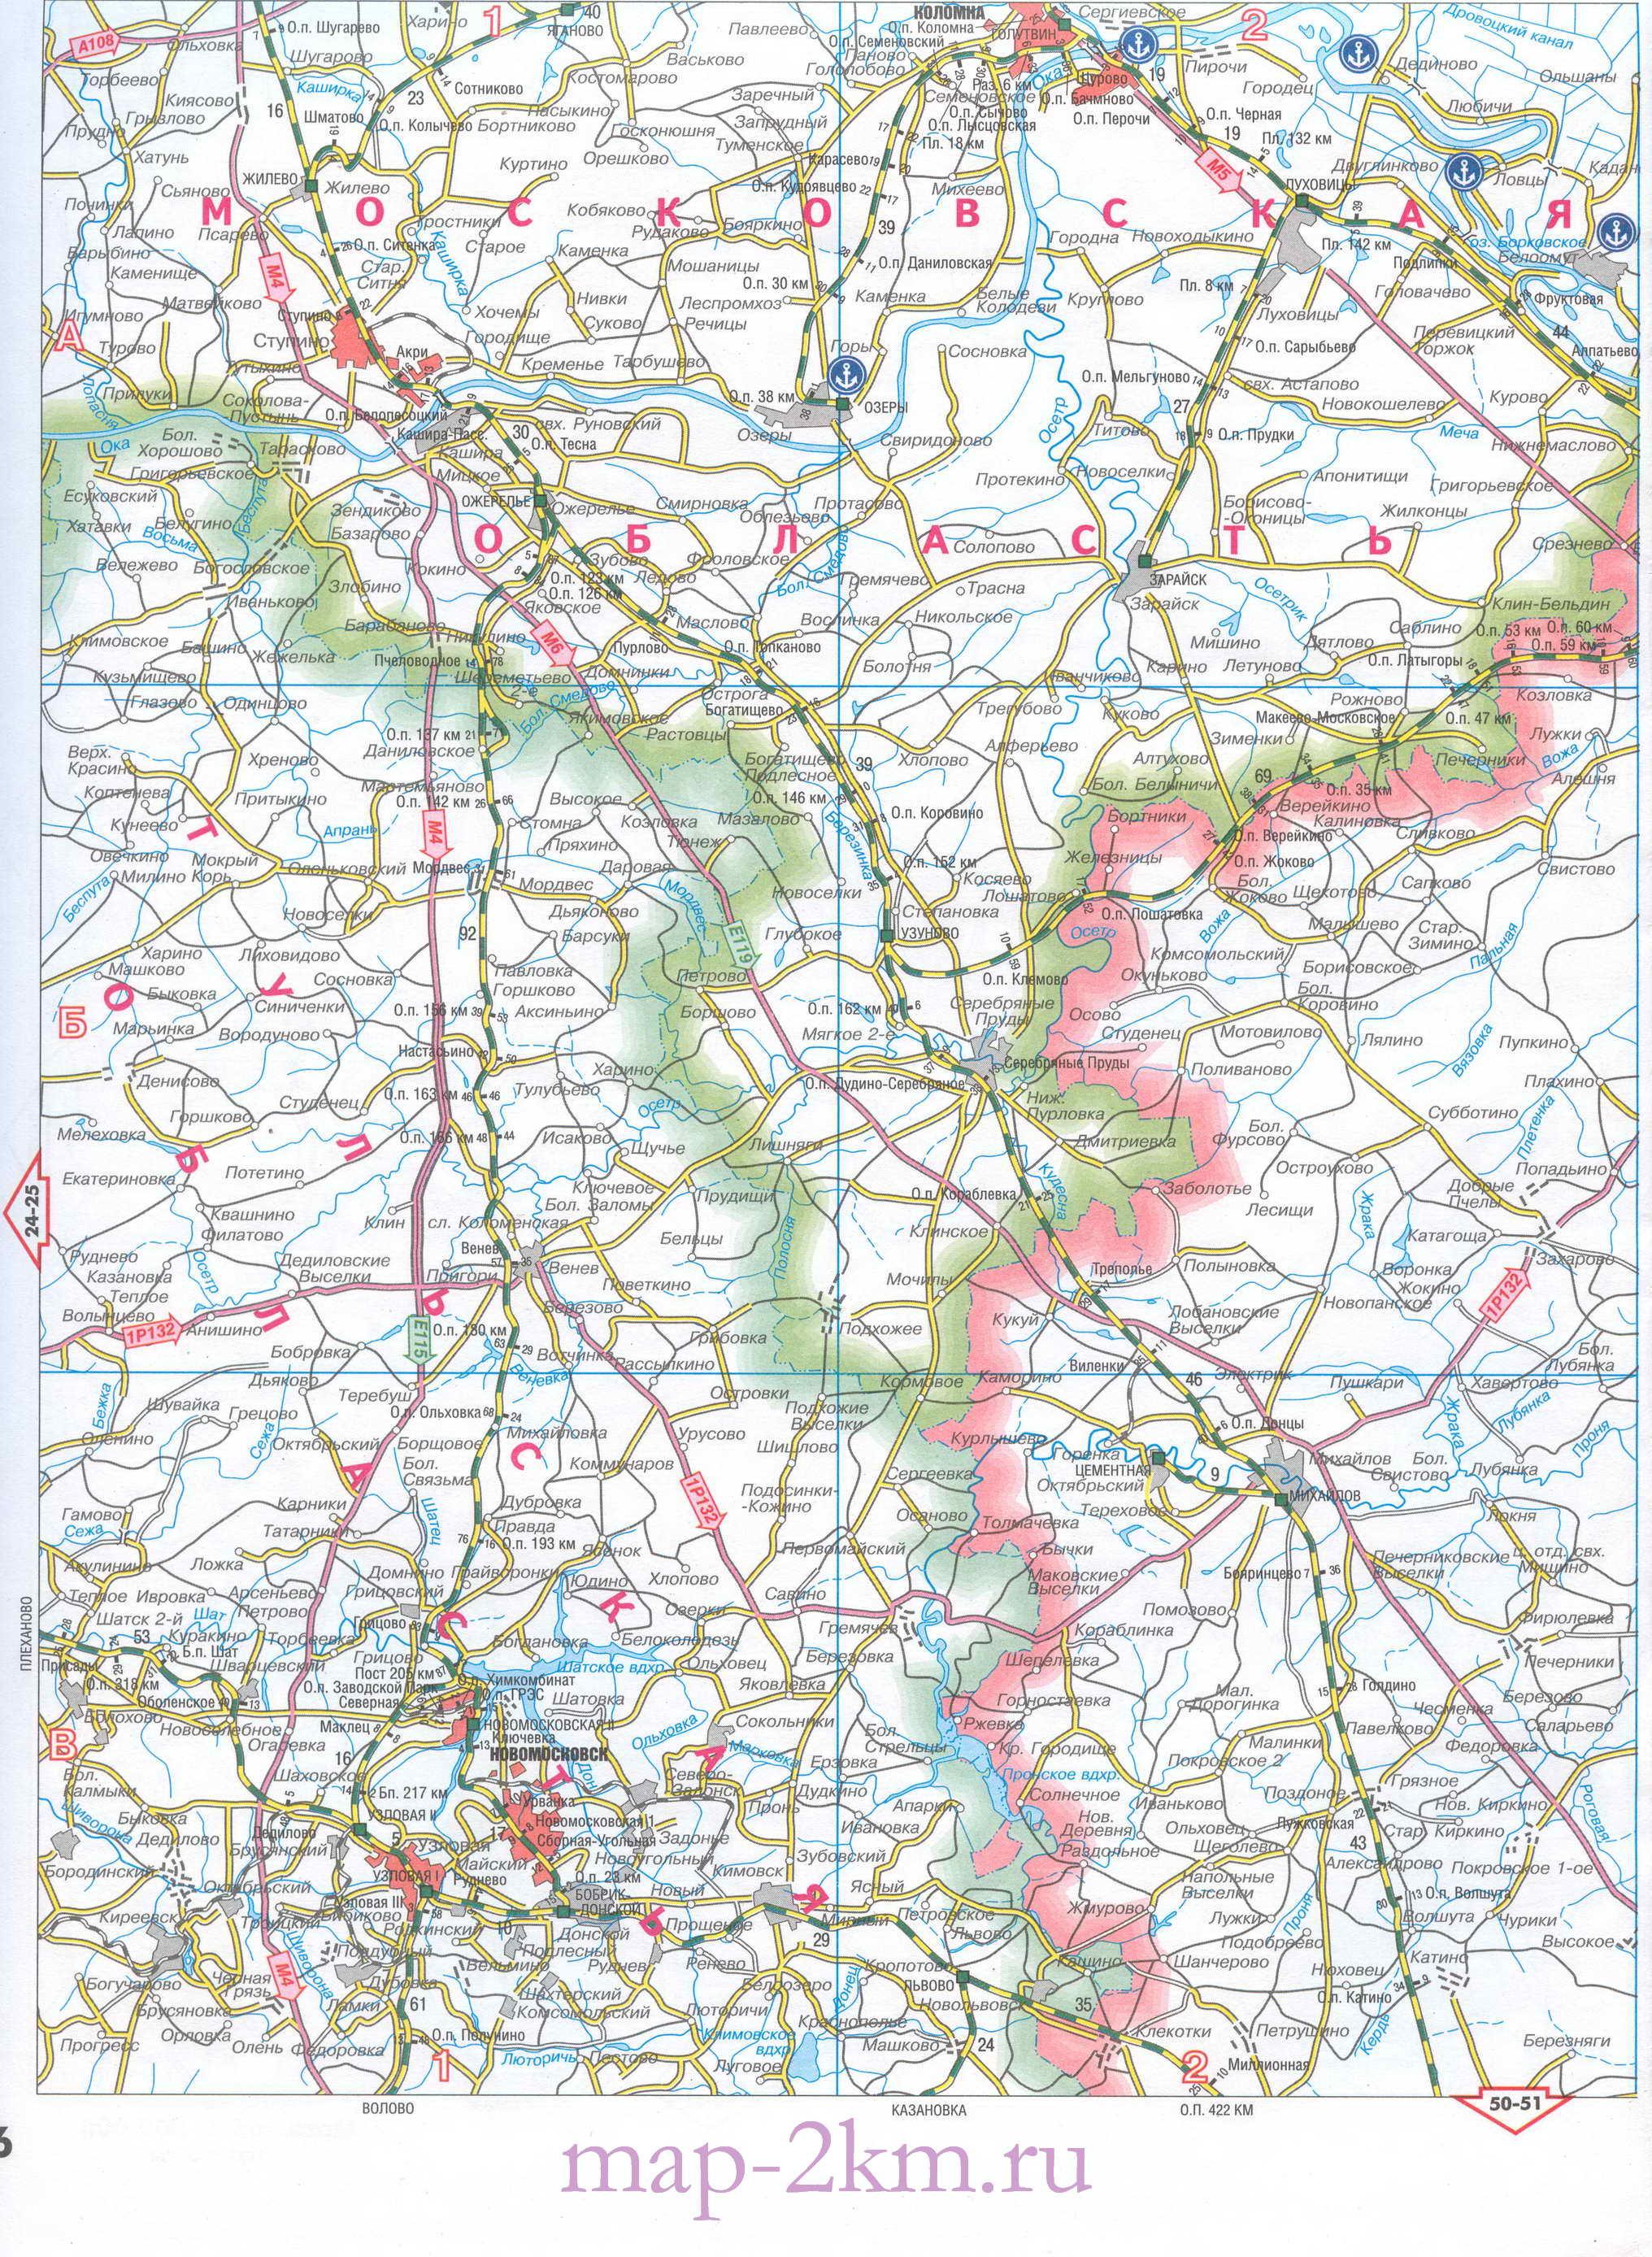 Карта Московской и соседних областей. Подробная карта ...: http://map-1.ru/map1182157_2_2.htm